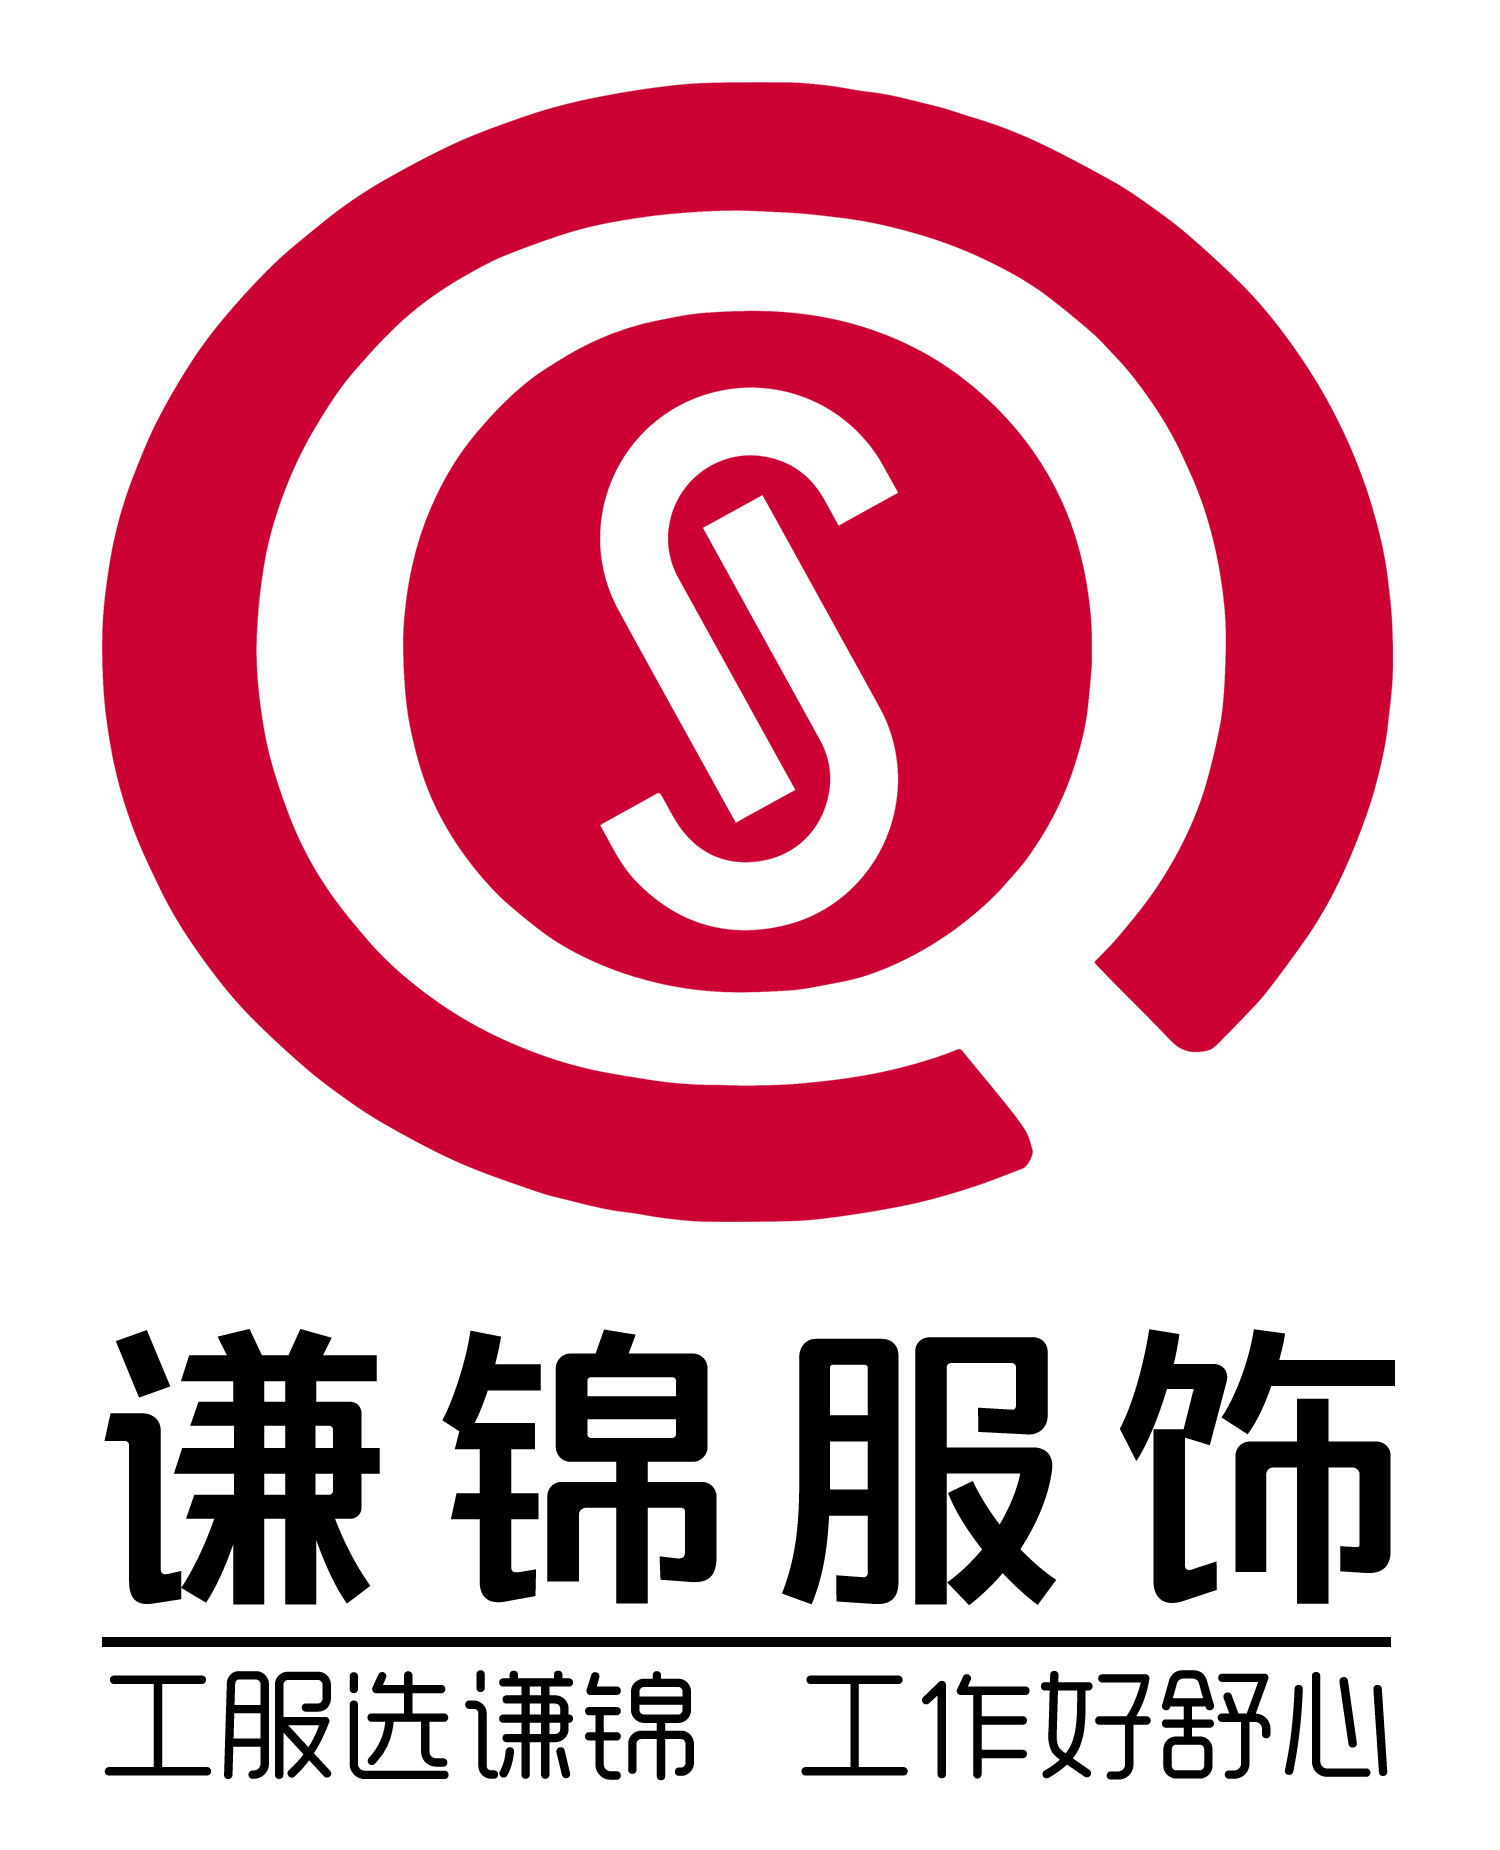 上海謙錦服飾有限公司Logo